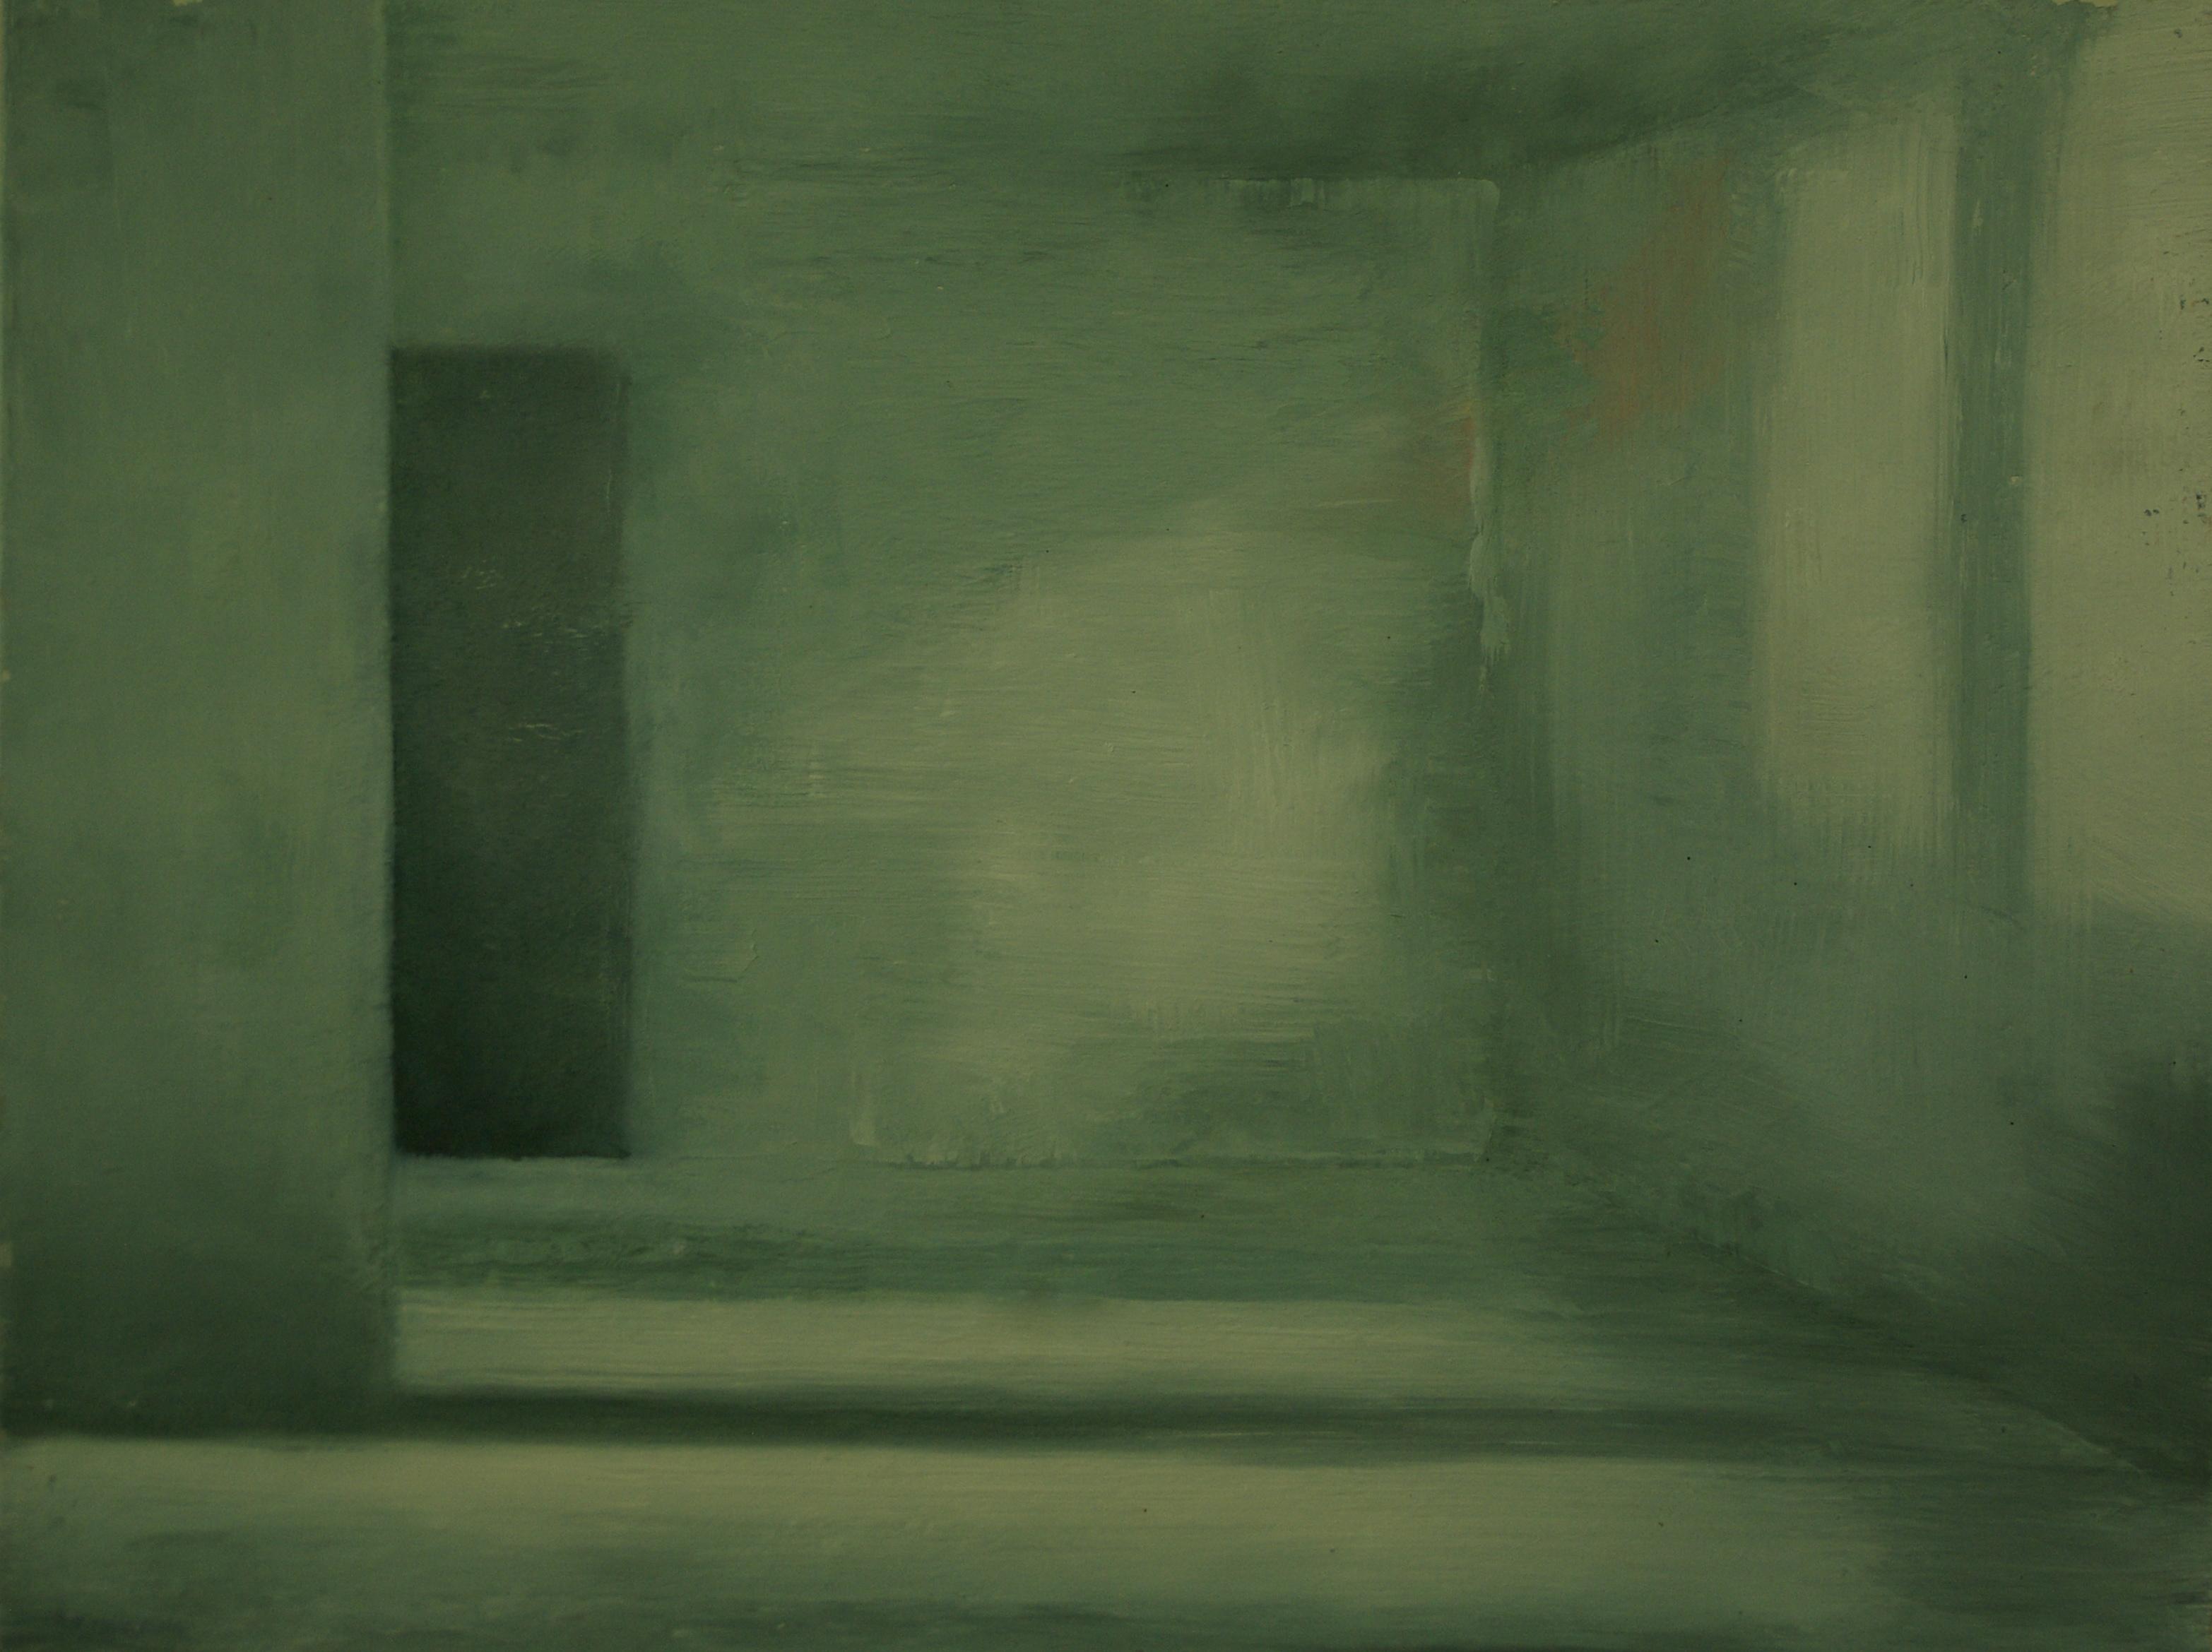 Mute 2010 copy